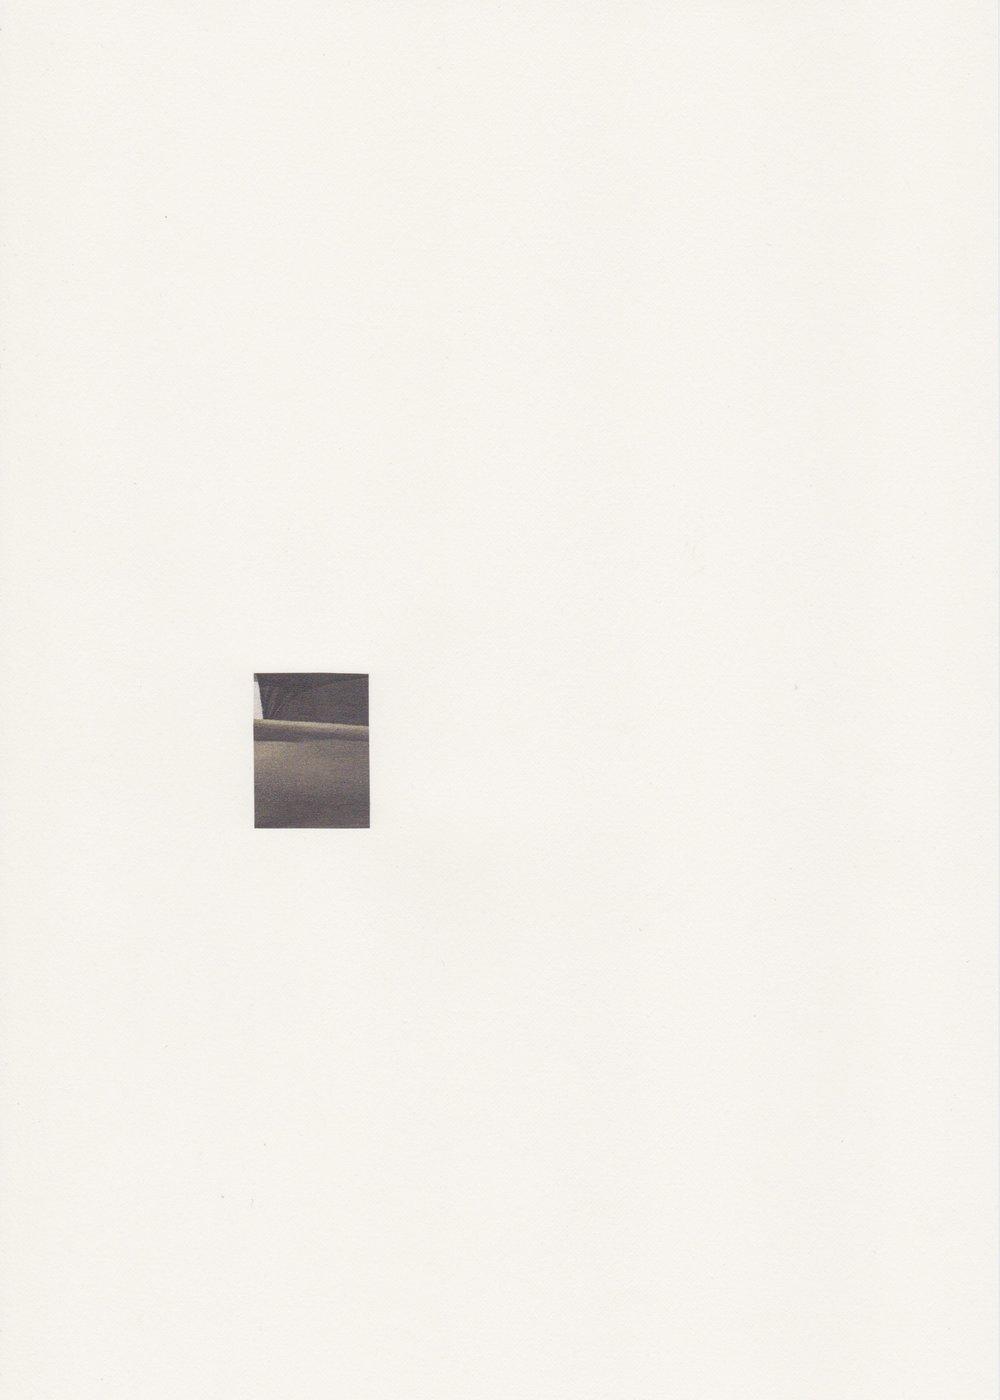 Kyoto, la nuit - n°1 - Assemblage sur papier velin - Collage 3,5 x 2 cm - (encadré 31,9 x 23,2 cm) - 2018